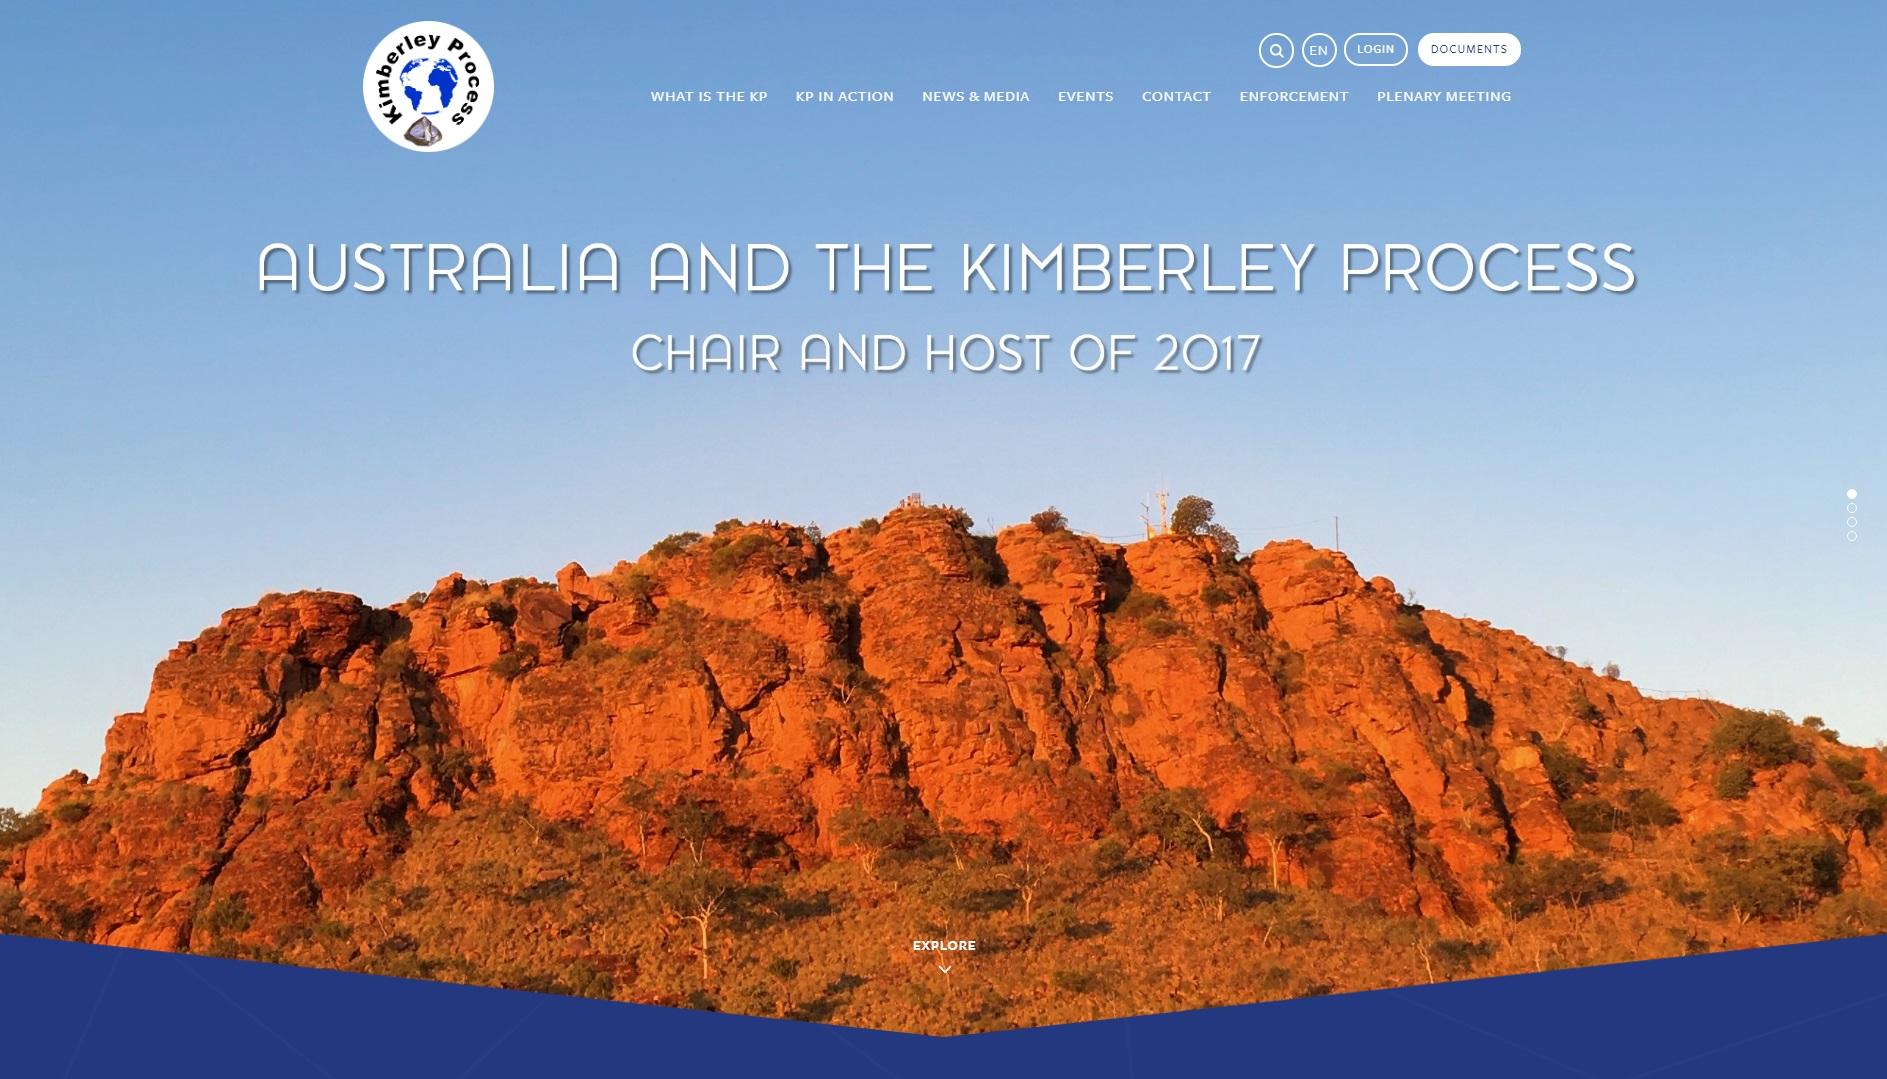 圖片擷取自Kimberley Process 官網